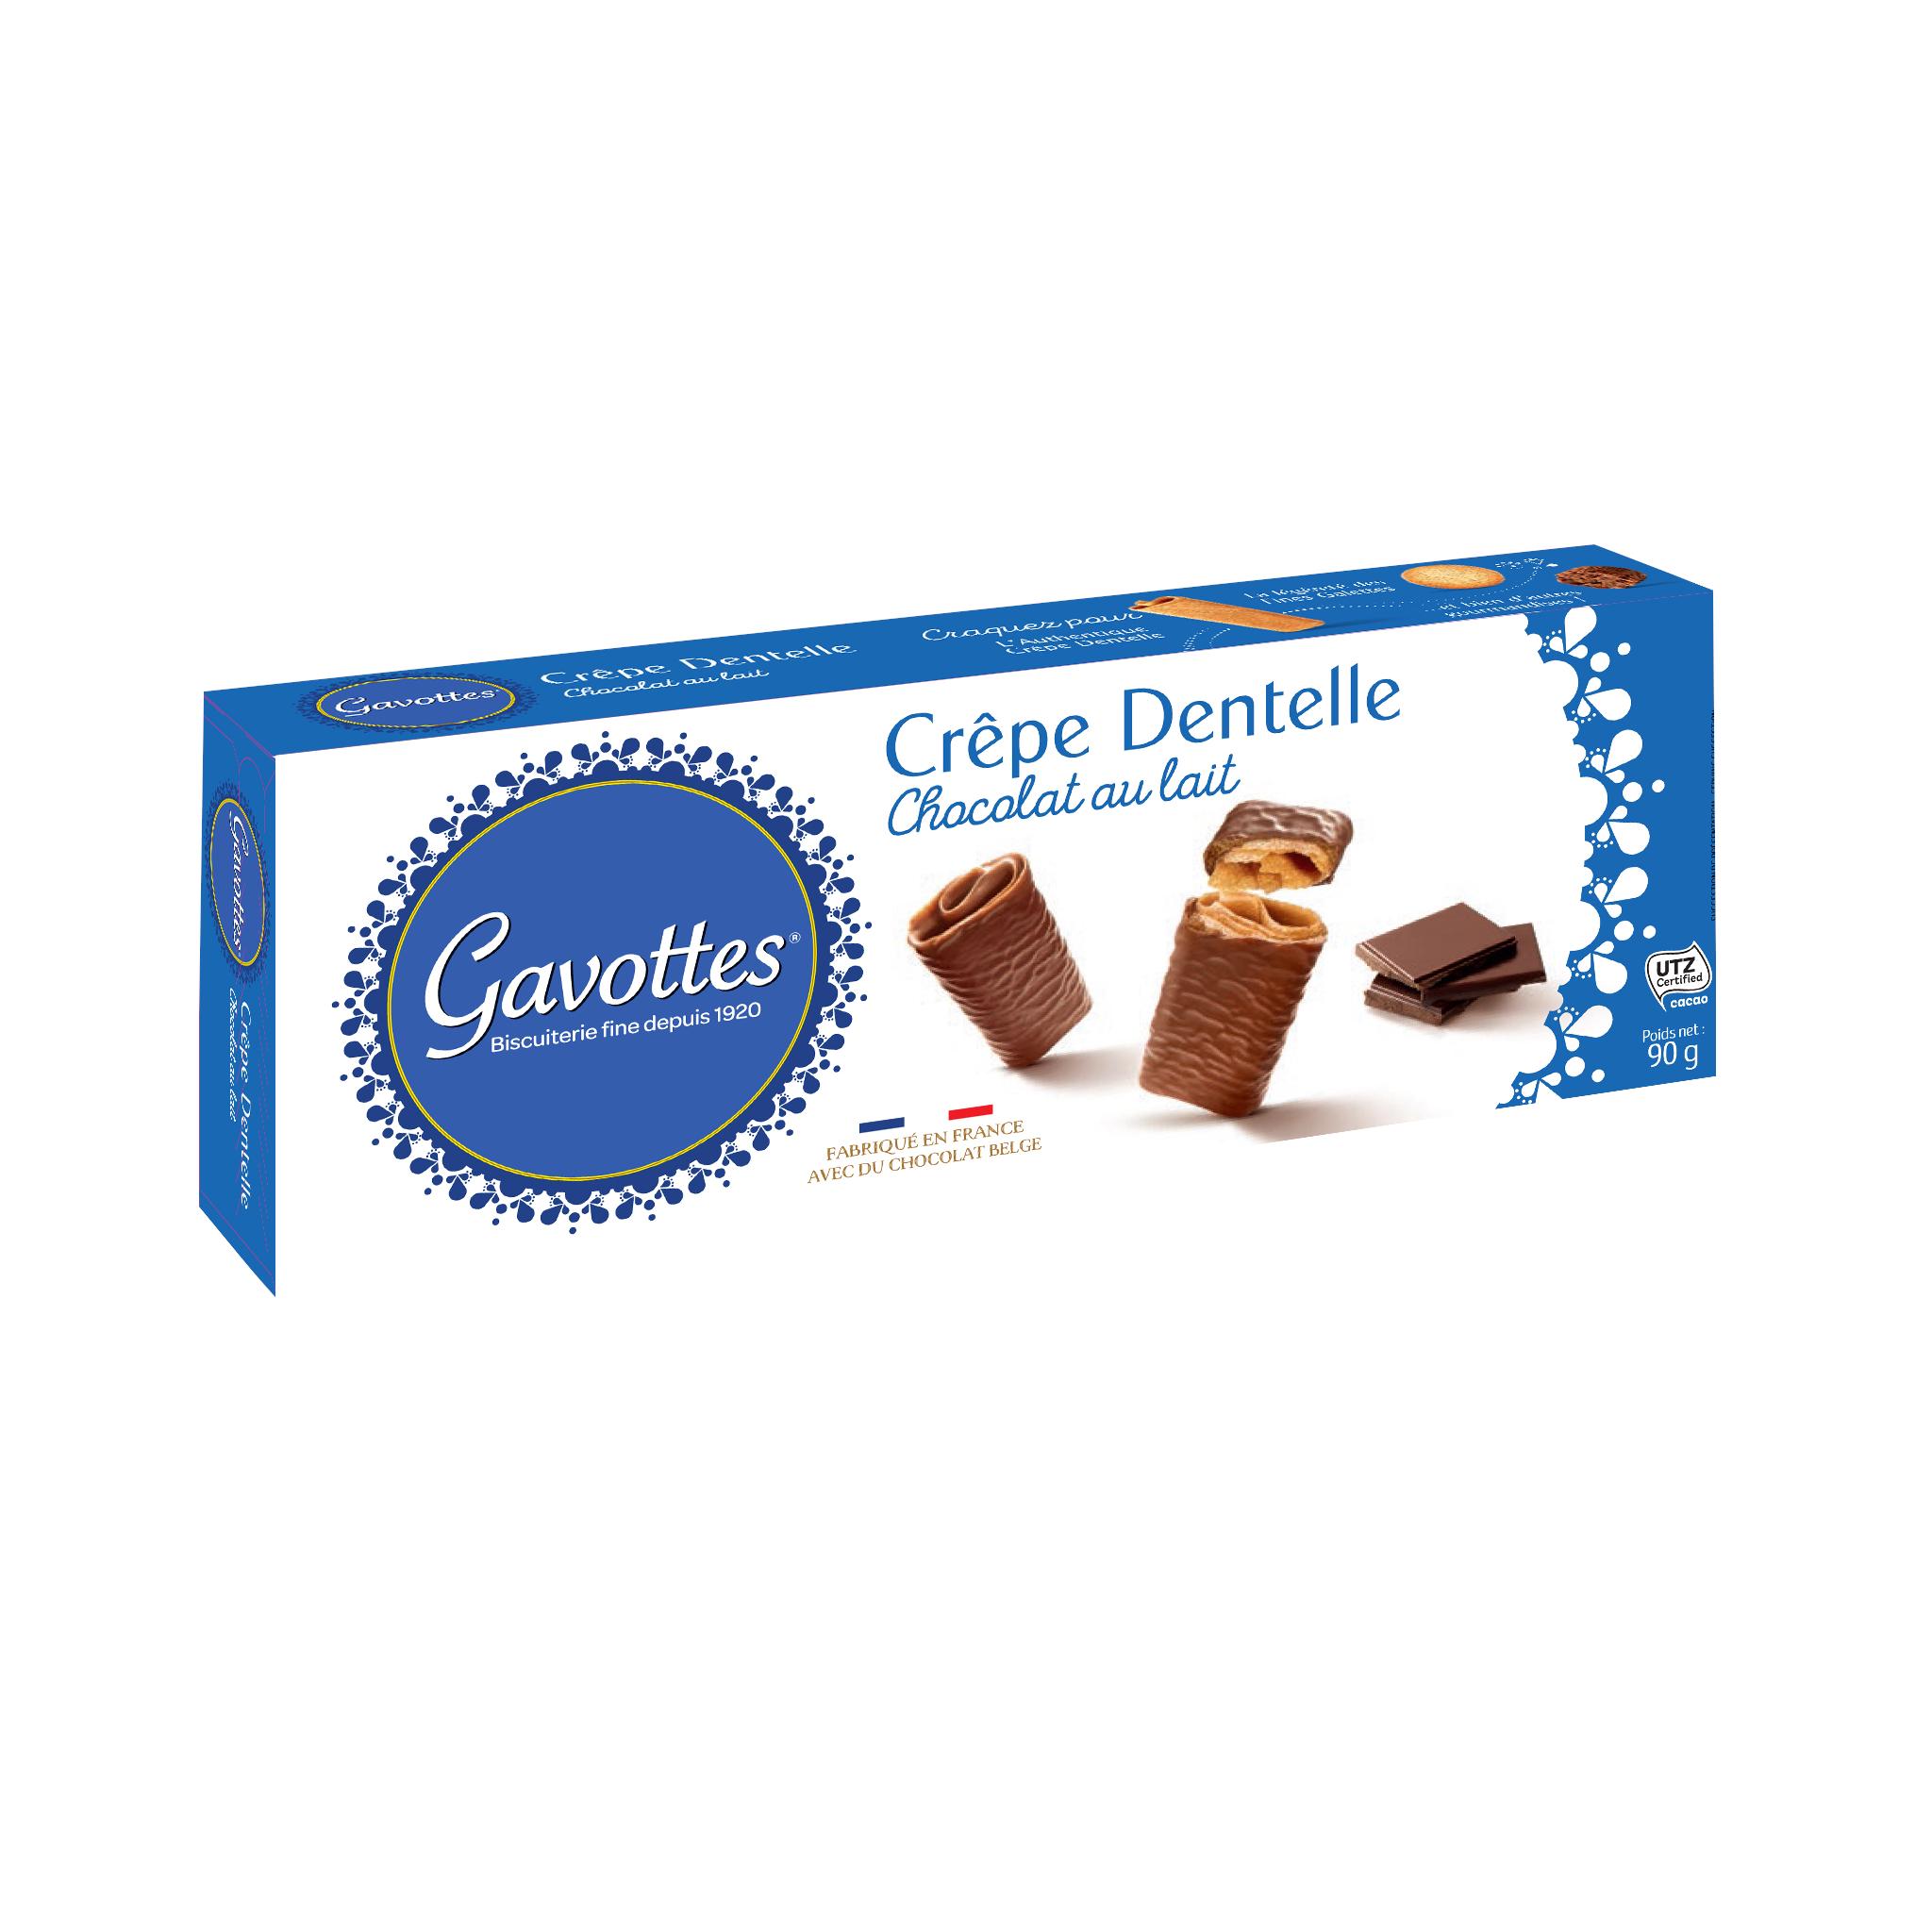 19/ Crêpes med melkesjokolade, 90g - Gavottes